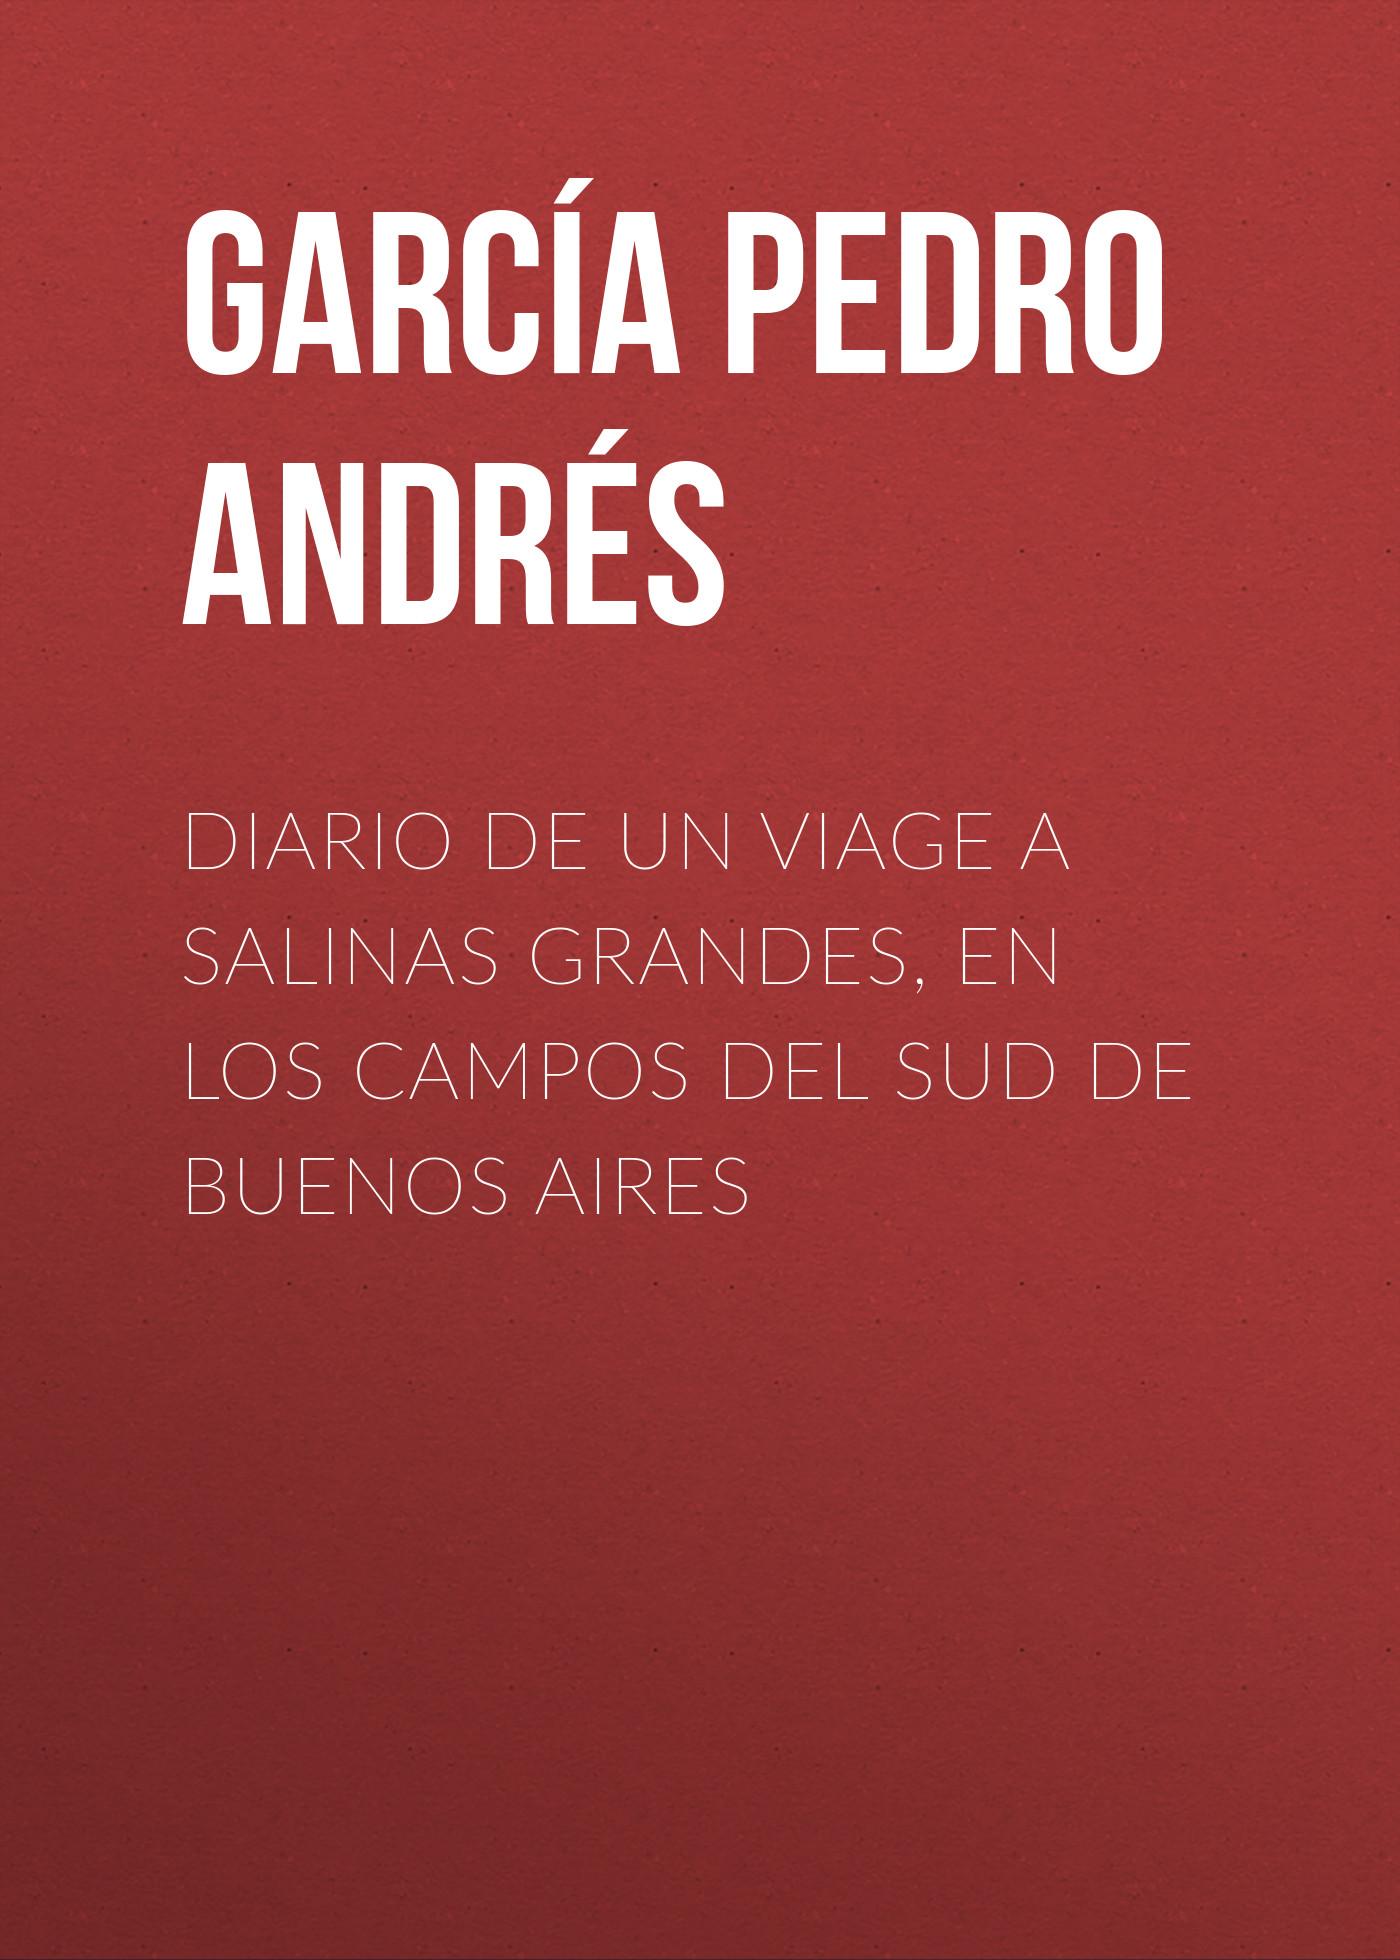 García Pedro Andrés Diario de un viage a Salinas Grandes, en los campos del sud de Buenos Aires sobredosis de soda buenos aires